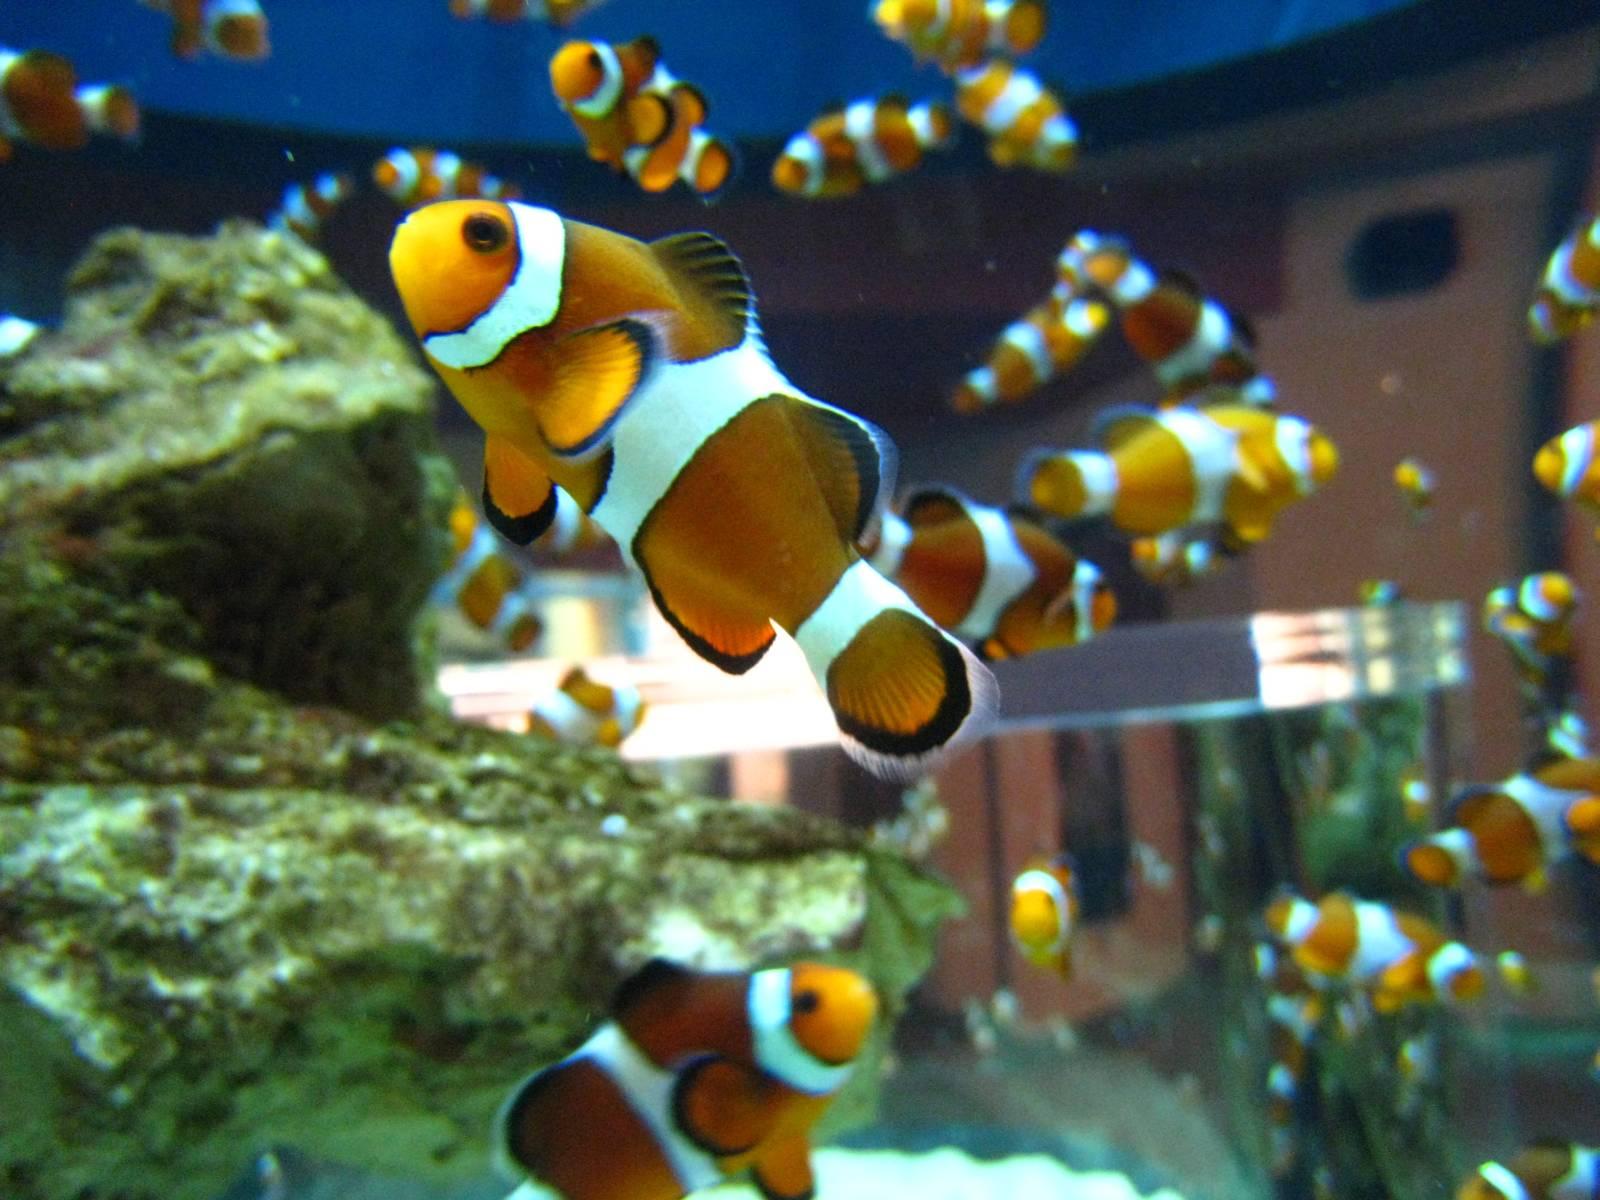 Freshwater aquarium fish cape town -  Cape Town South Africa Two Oceans Aquarium Mariner Guesthouse Two Oceans Aquarium Mariner